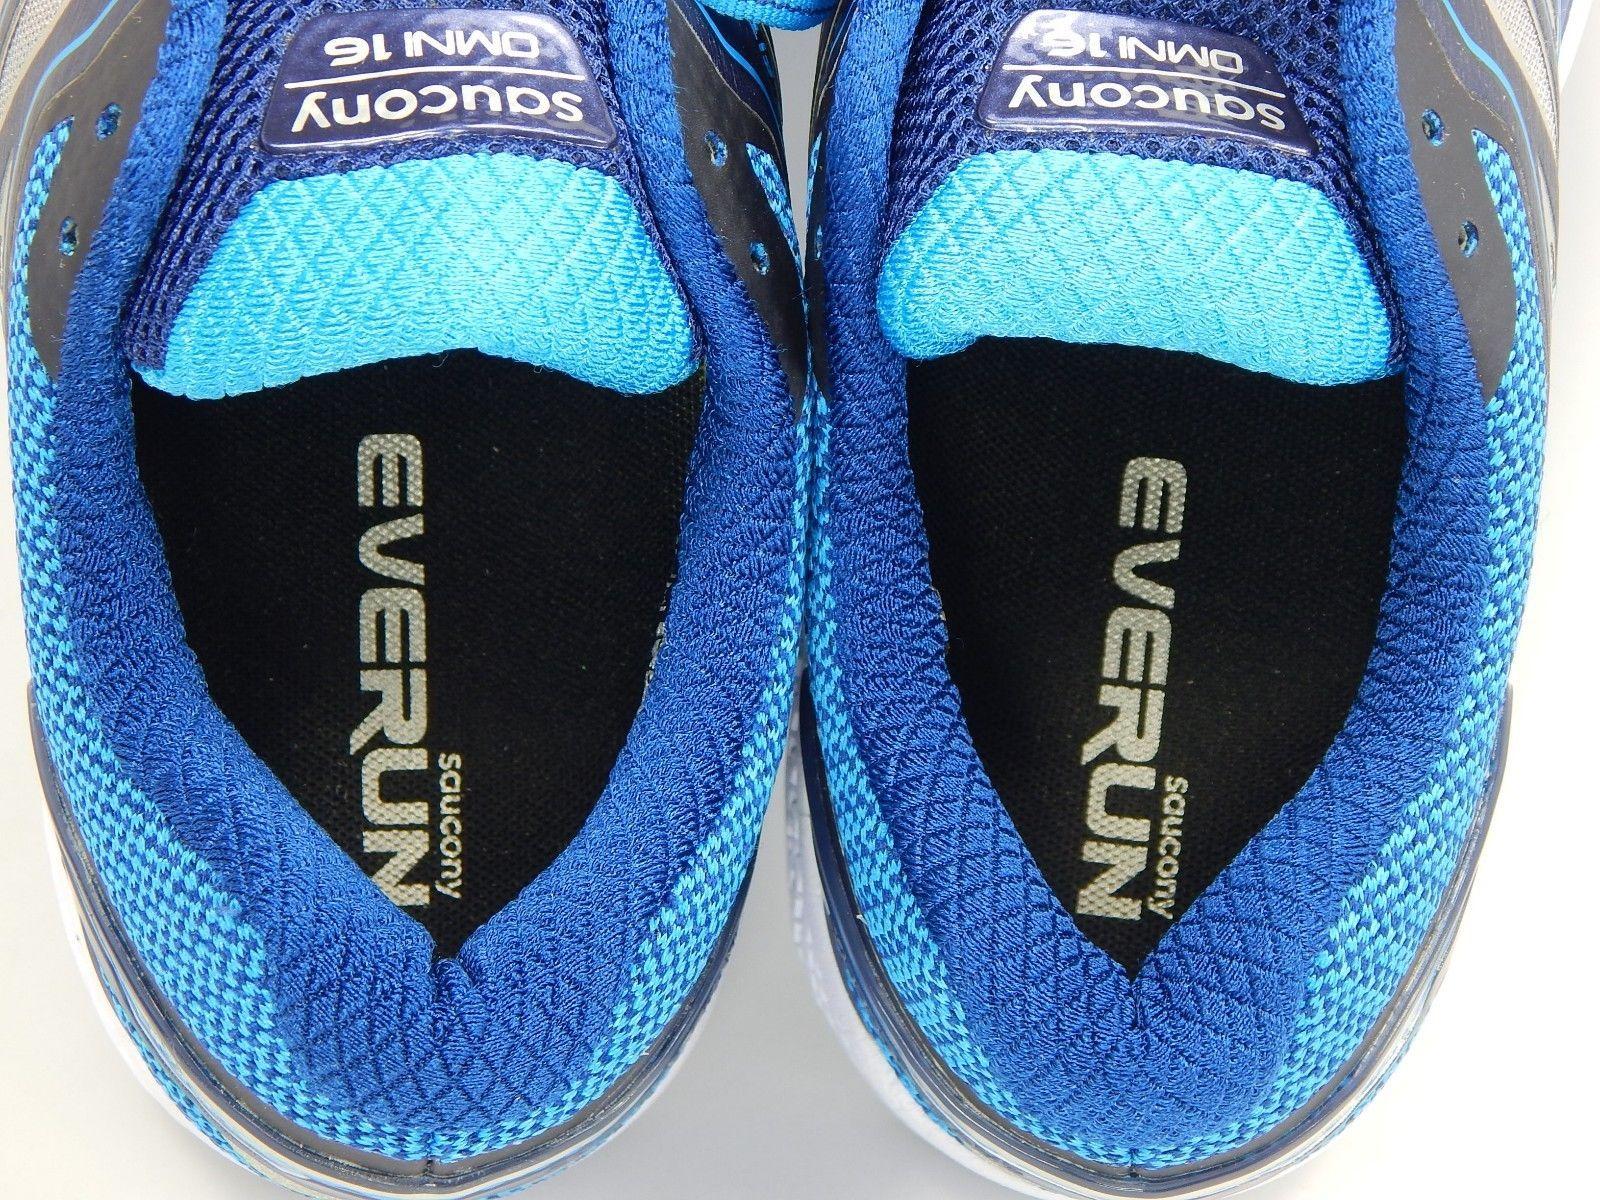 Saucony Omni 16 Size 10 M (B) EU 42 Women's Running Shoes Gray Blue S10370-1